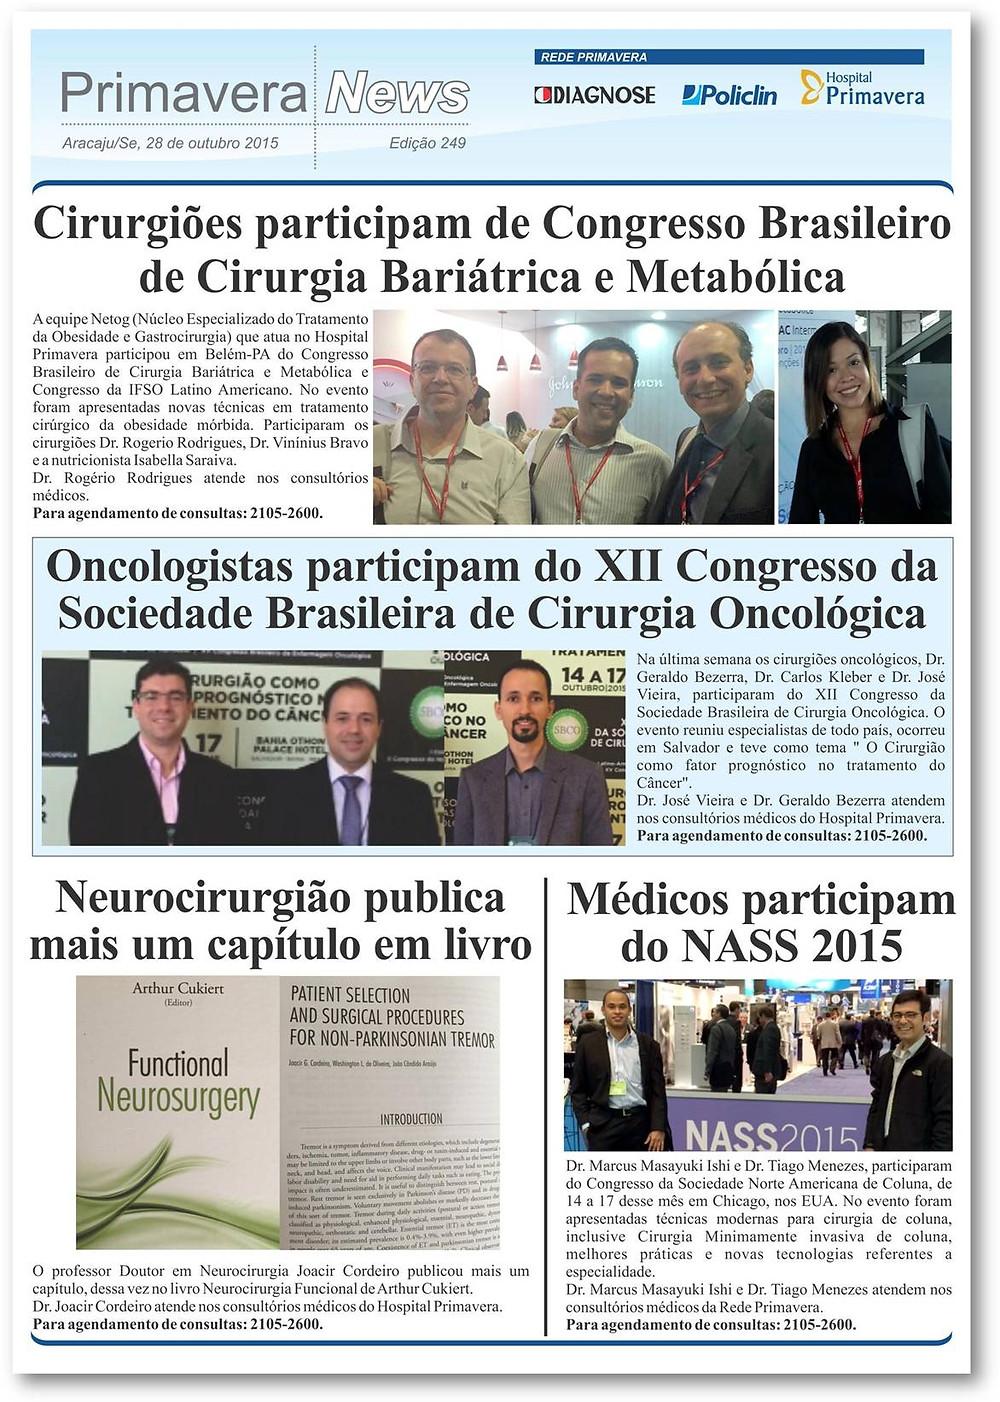 Dr. Joacir Cordeiro publica um capítulo do livro Neurocirurgia Funcional de Arthur Cukiert